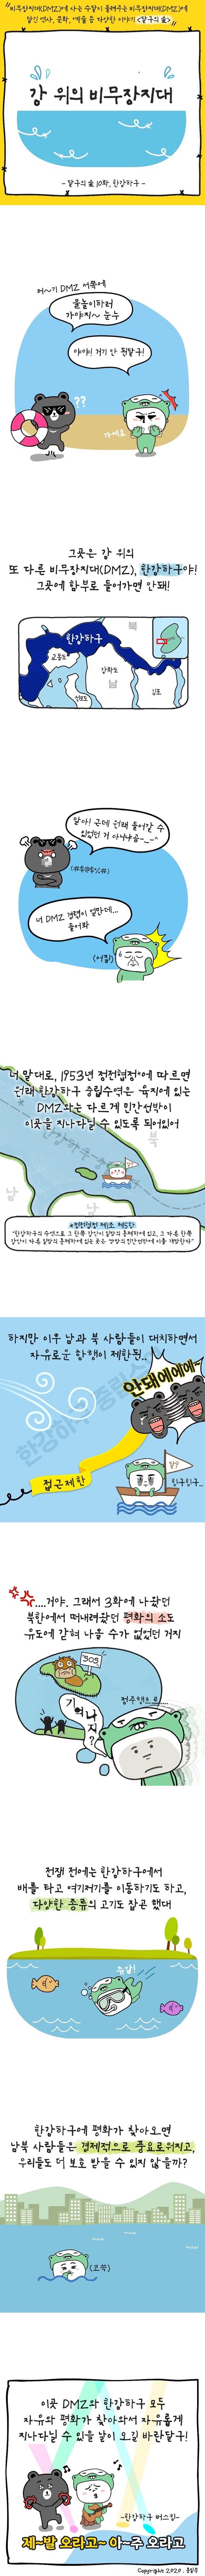 [웹툰] 강 위의 비무장지대